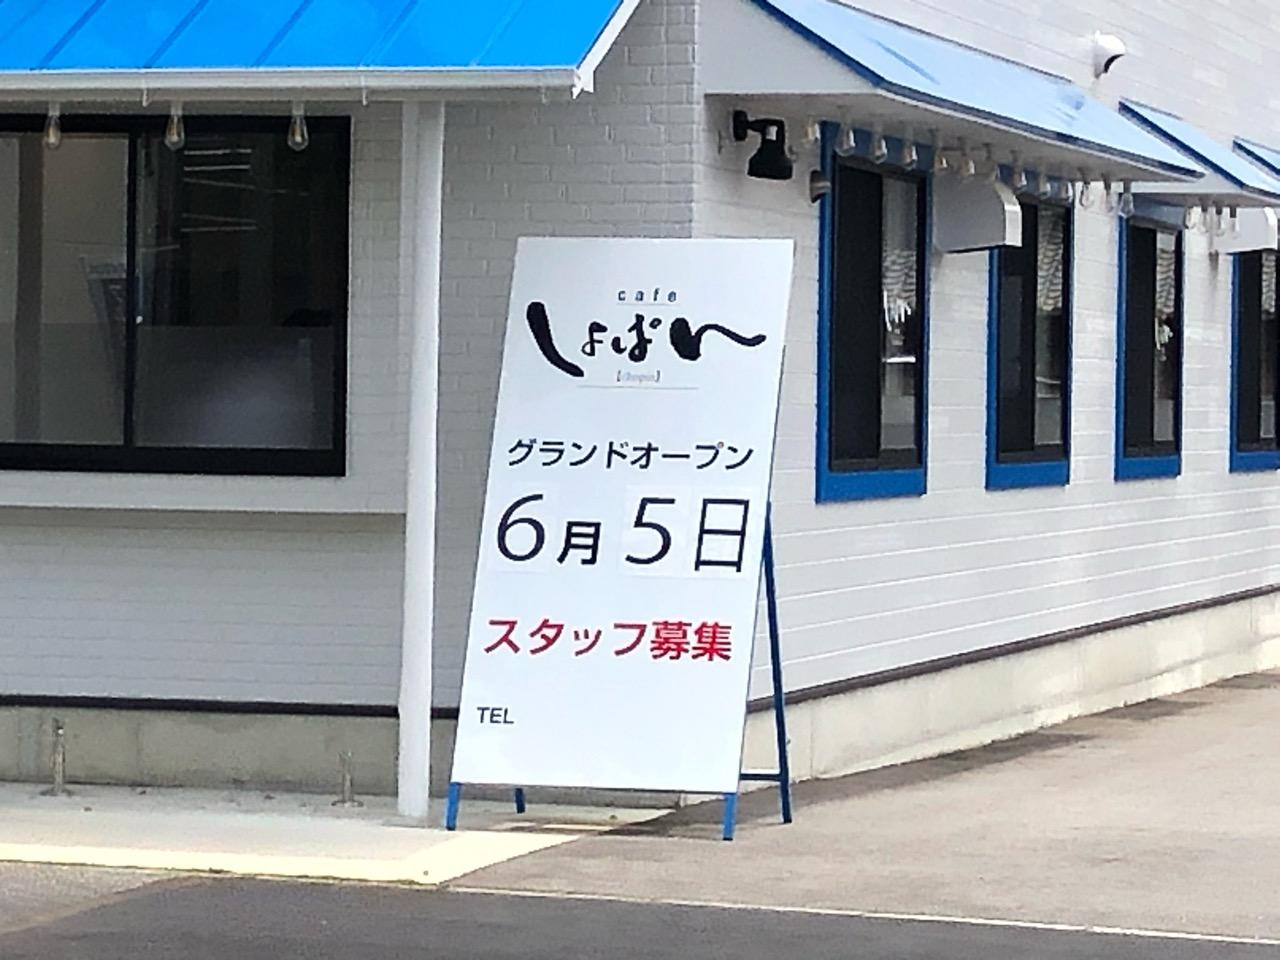 カフェしょぱん豊田店オープン日